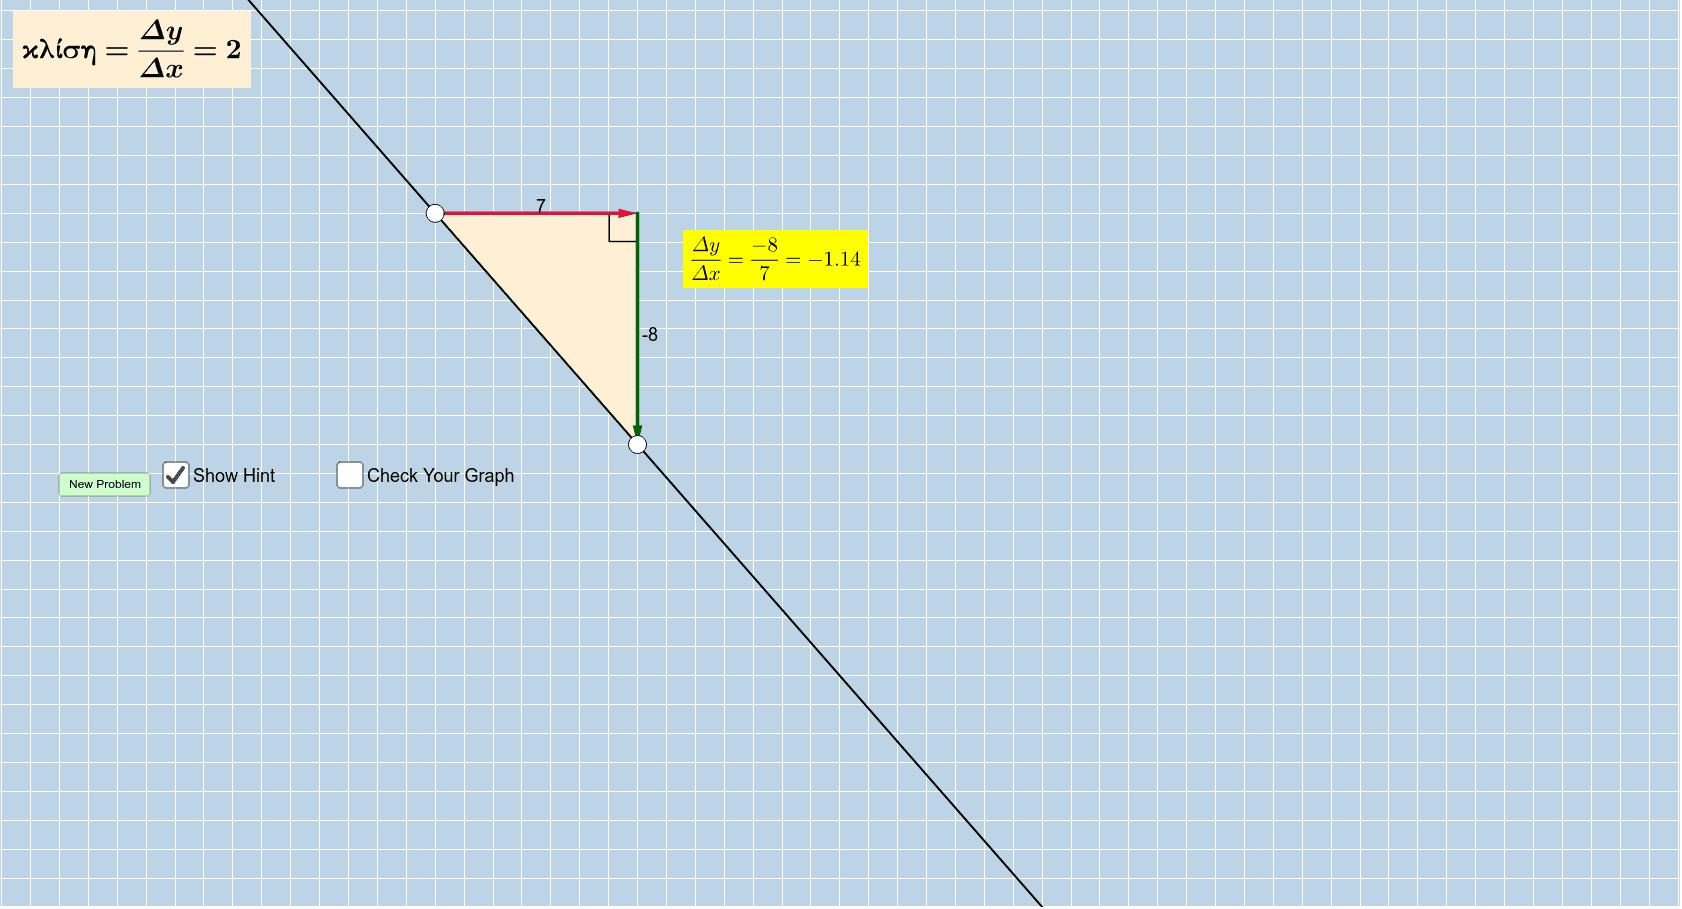 Να μετακινήσετε τα 2 άσπρα σημεία έτσι ώστε η ευθεία να αποκτήσει την κλίση που ζητάμε πάνω αριστερά. Για βοήθεια στο κίτρινο εμφανίζεται η κλίση της ευθείας  ΑΒ